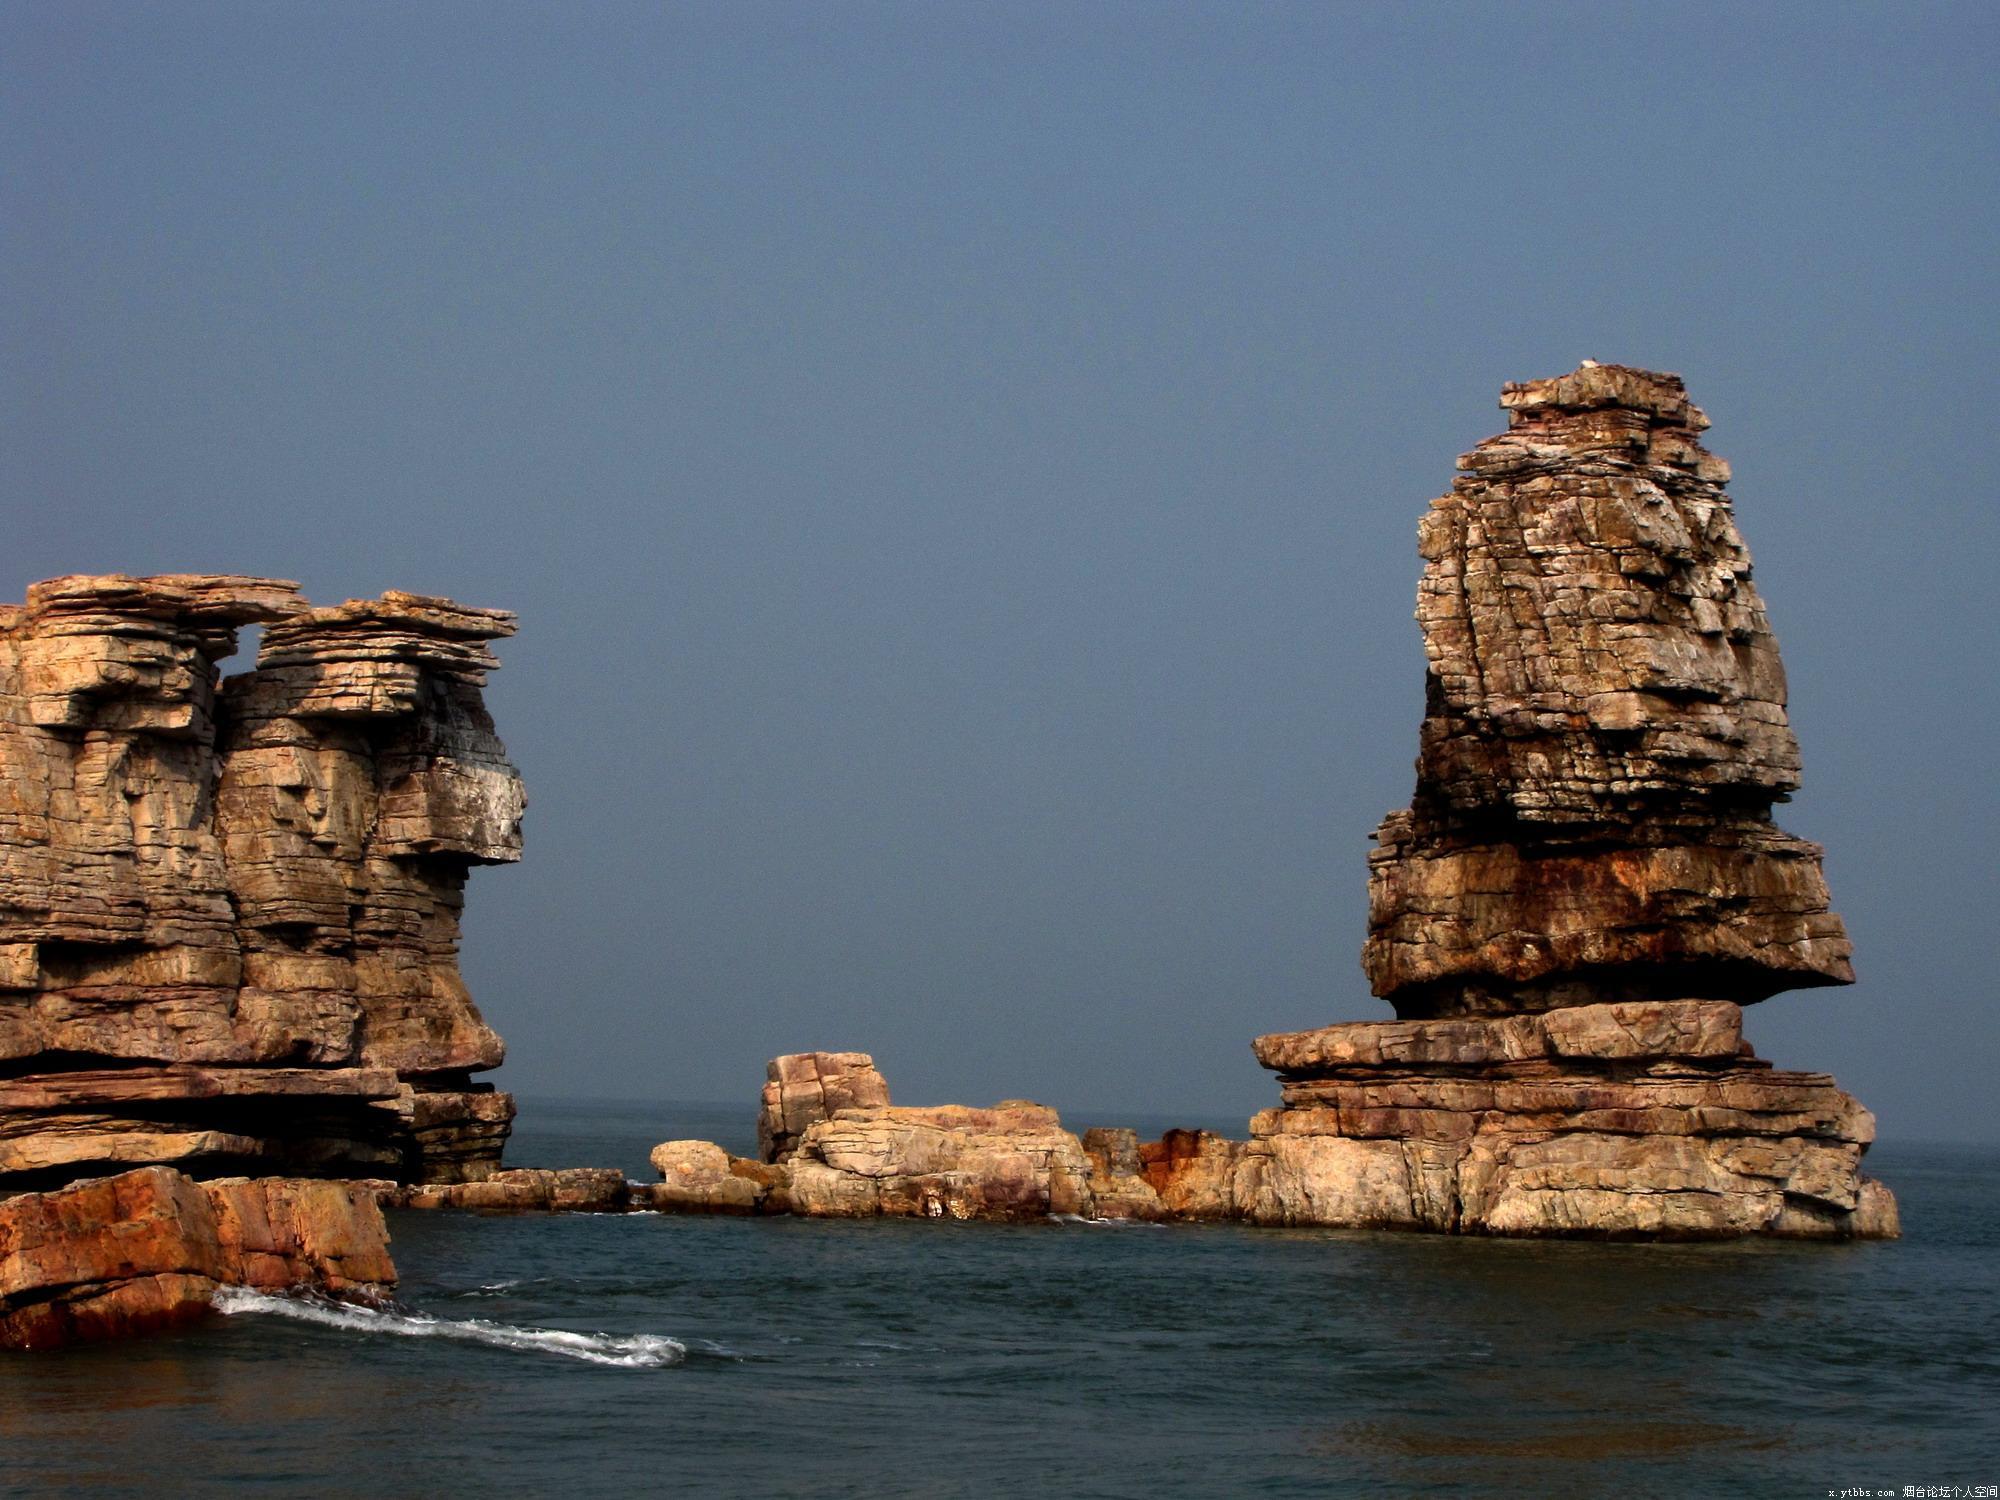 龙爪山位于大黑山岛北端